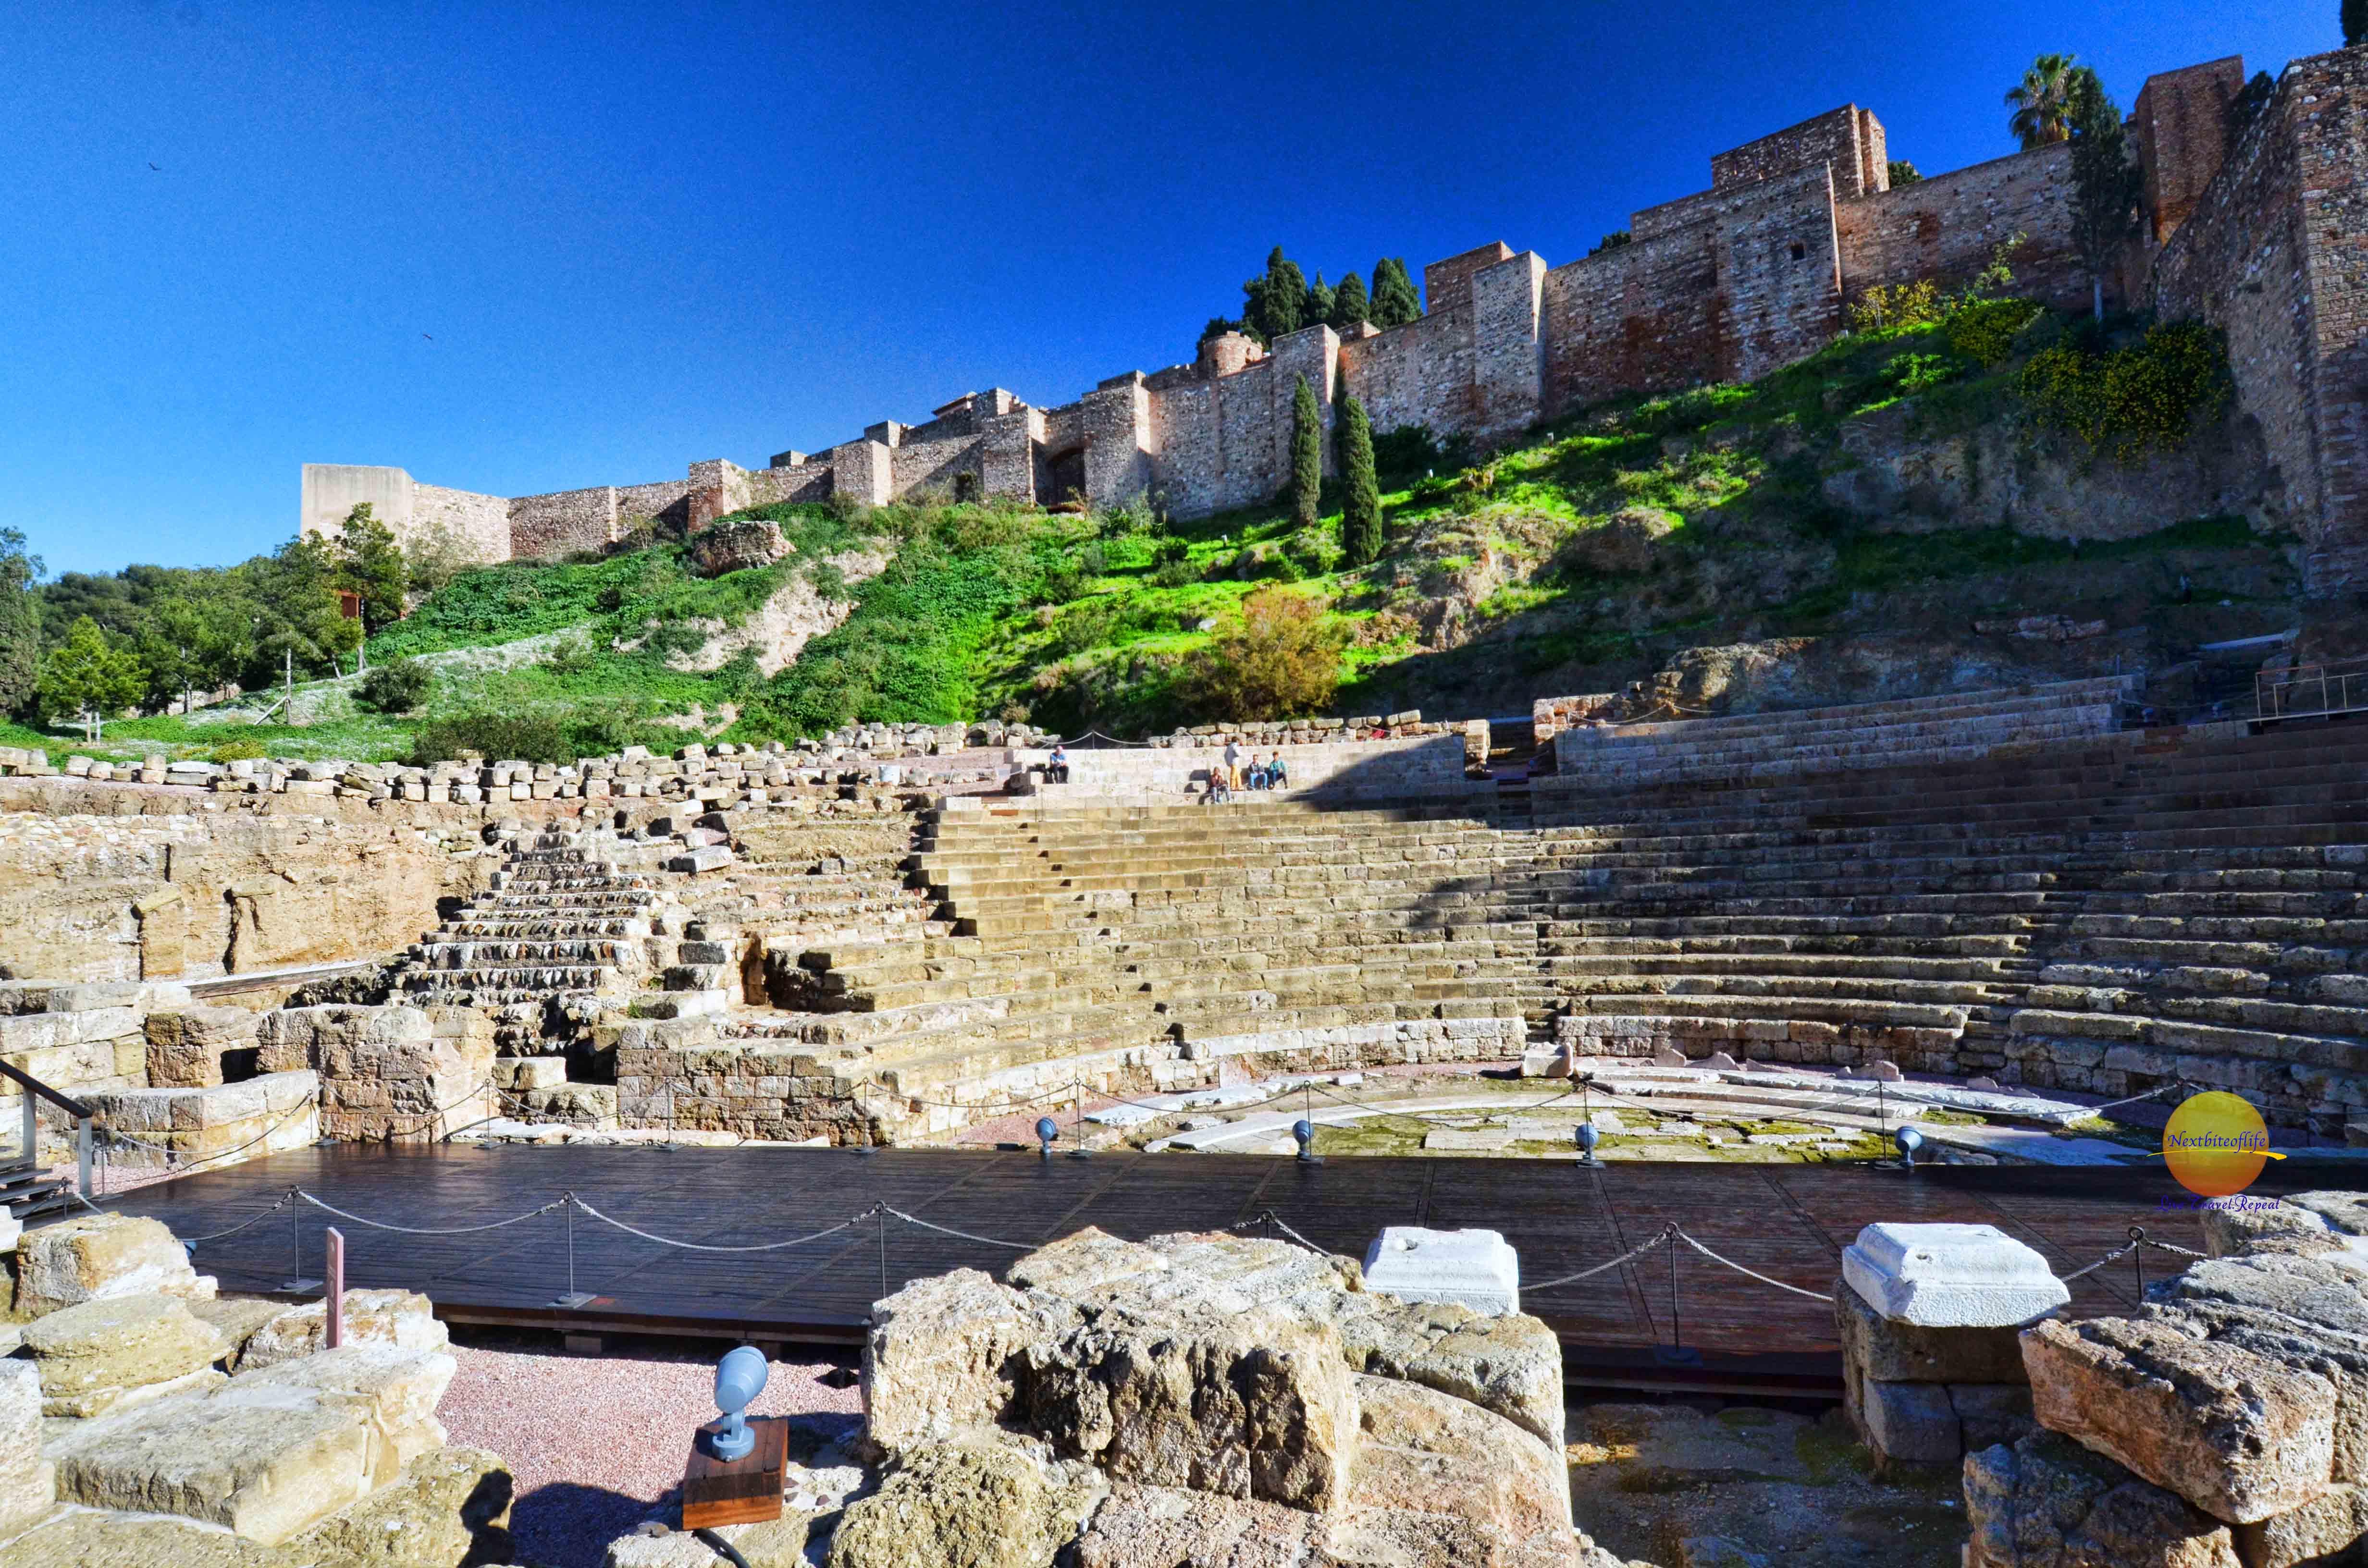 Alcazaba and Teatro Romano, Malaga, Spain - Nextbiteoflife